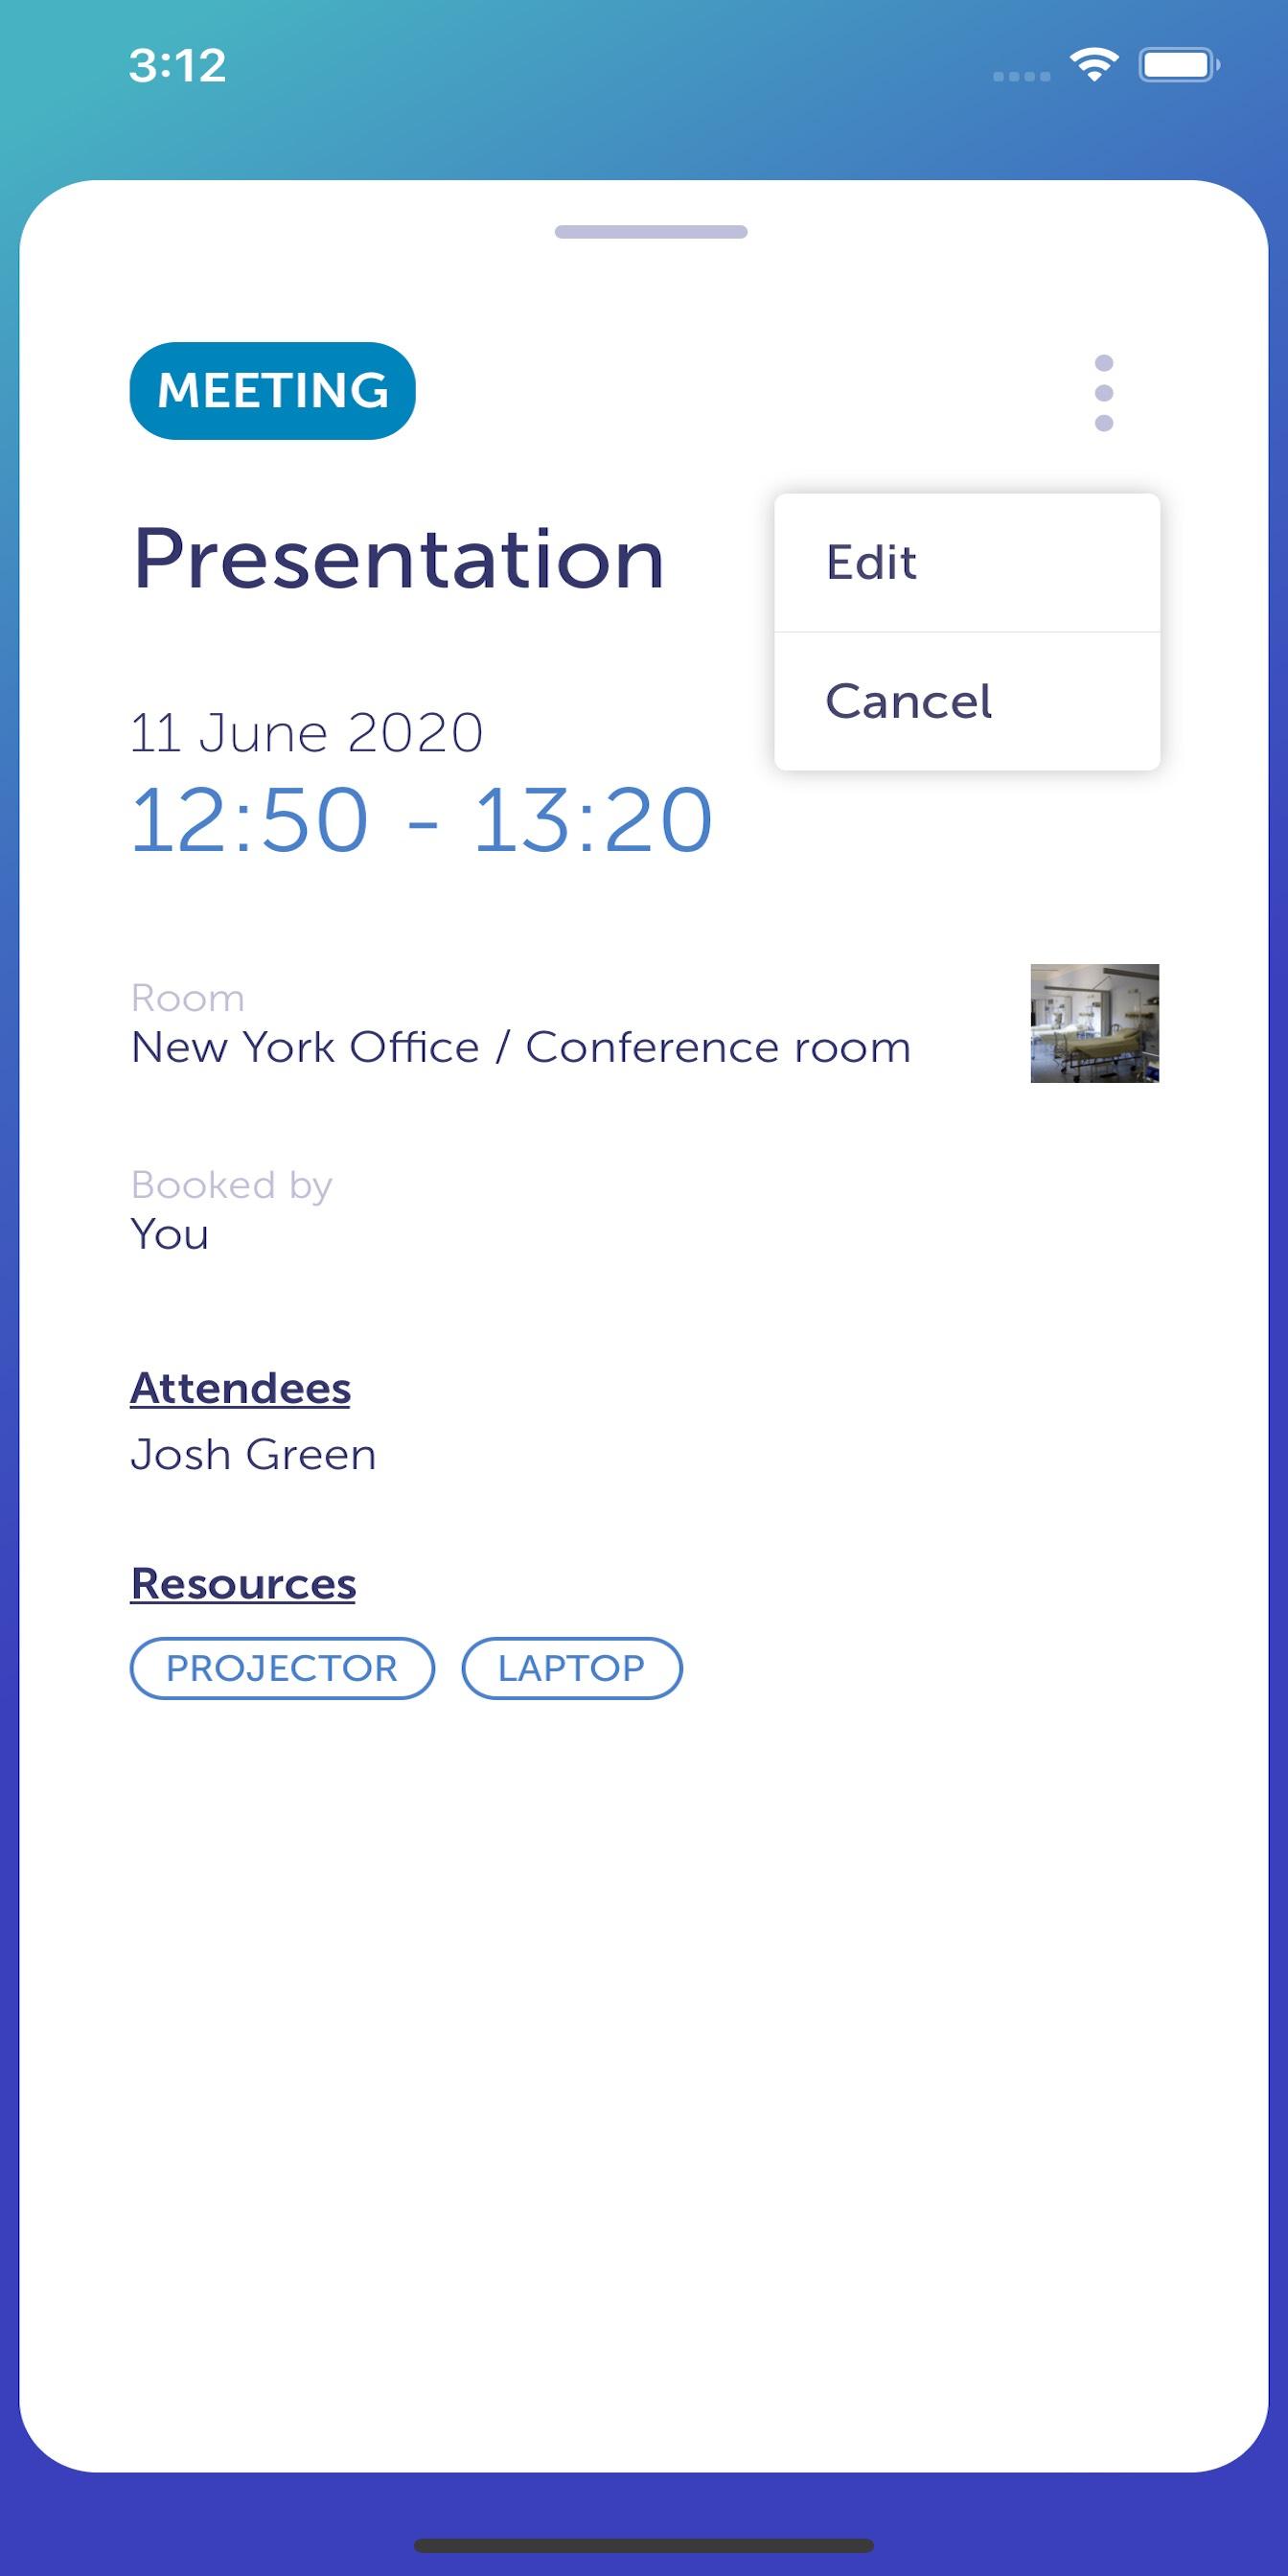 YAROOMS Mobile App - meeting details